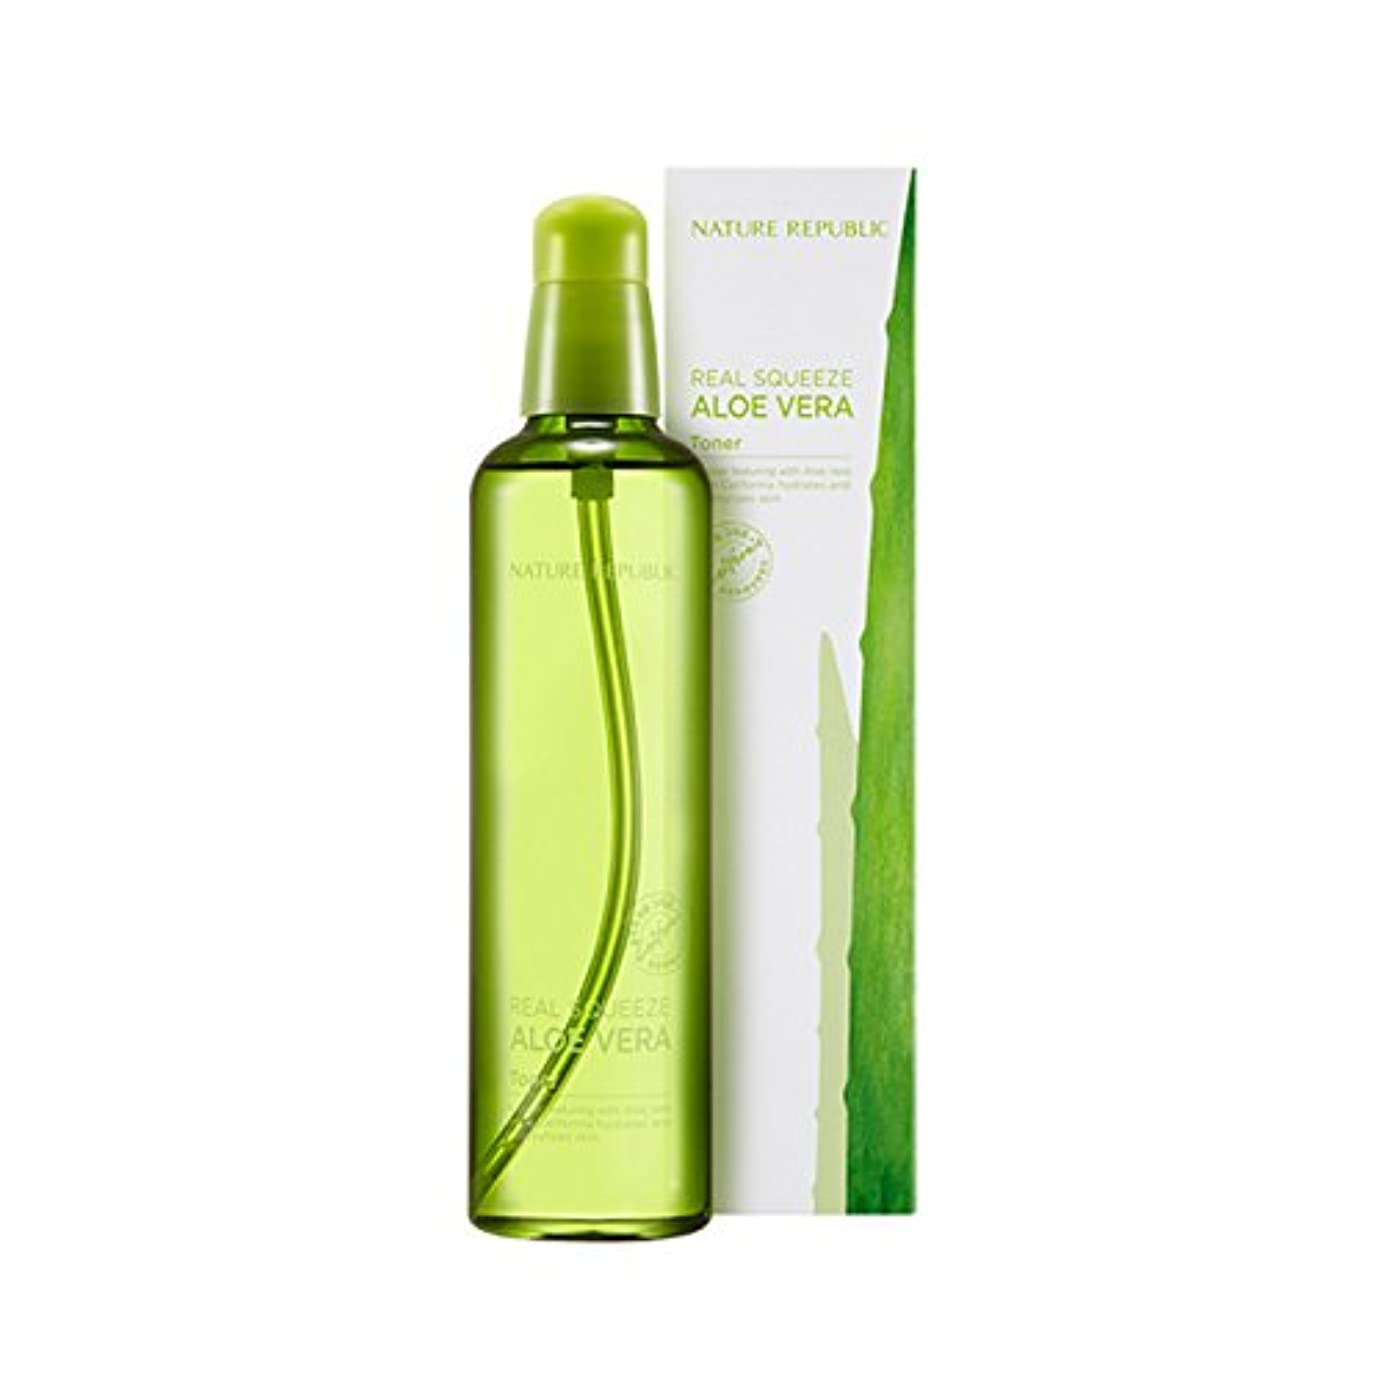 百科事典付ける下[ネイチャーリパブリック] Nature Republic リアルスクイーズアロエベラエマルジョントナー Real Squeeze Aloe Vera Emulsion Toner (Toner) [並行輸入品]